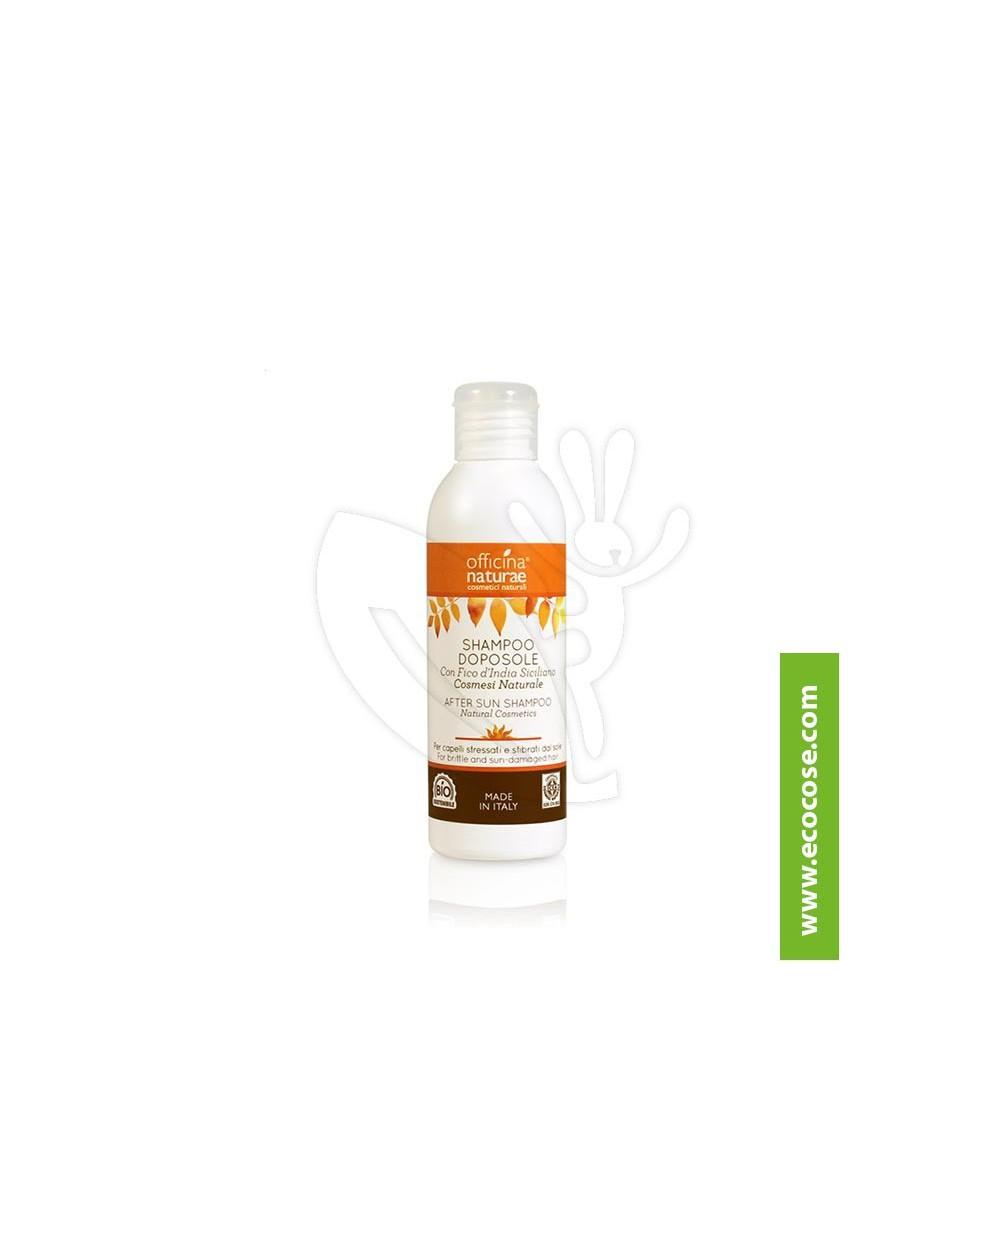 Officina Naturae - Shampoo Doposole